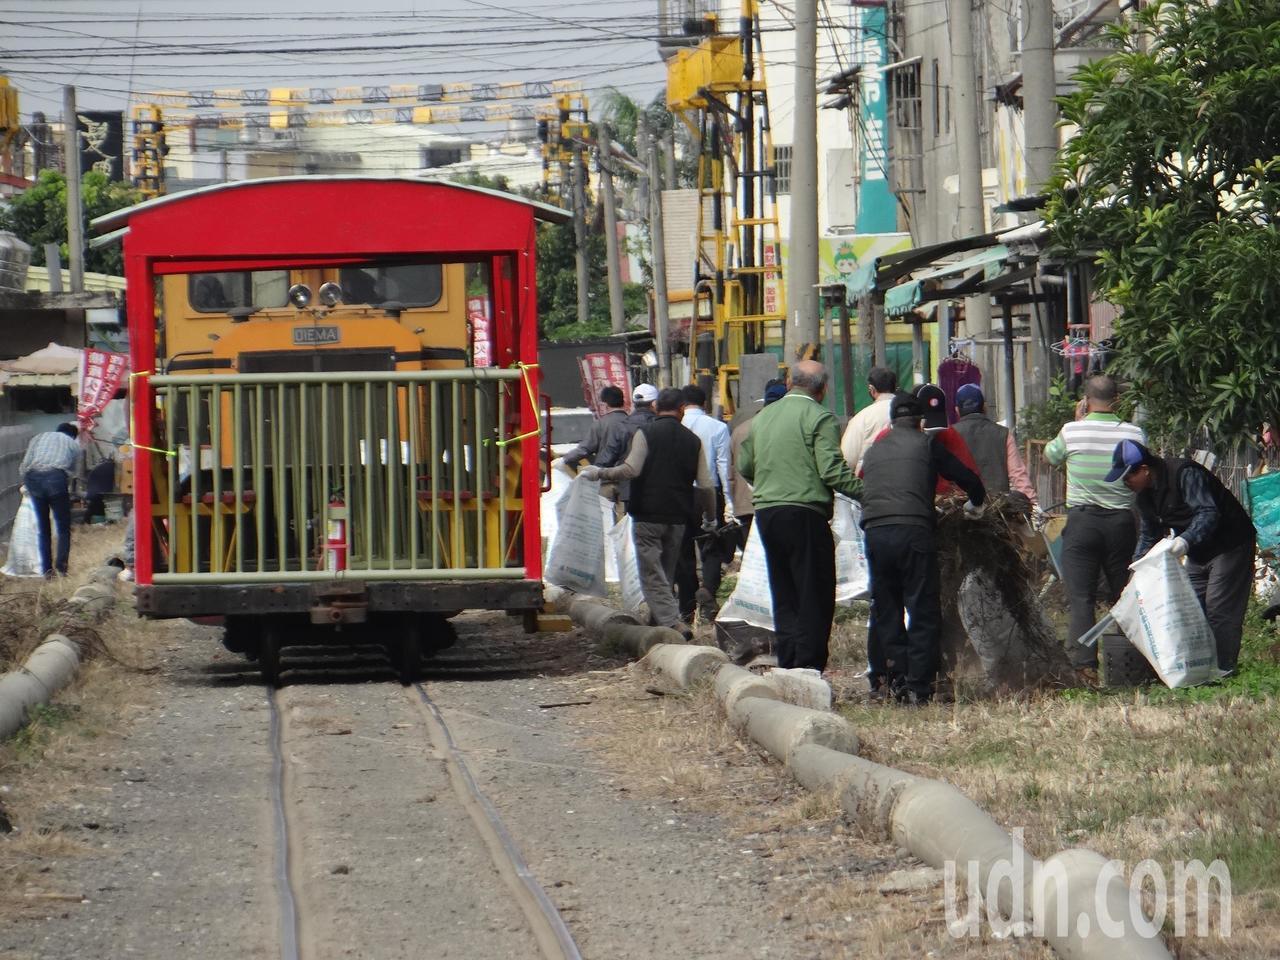 國內唯一的虎尾糖廠五分車今天巧扮成清潔車,駛進市區,由糖廠經理帶領一級主管沿著鐵...